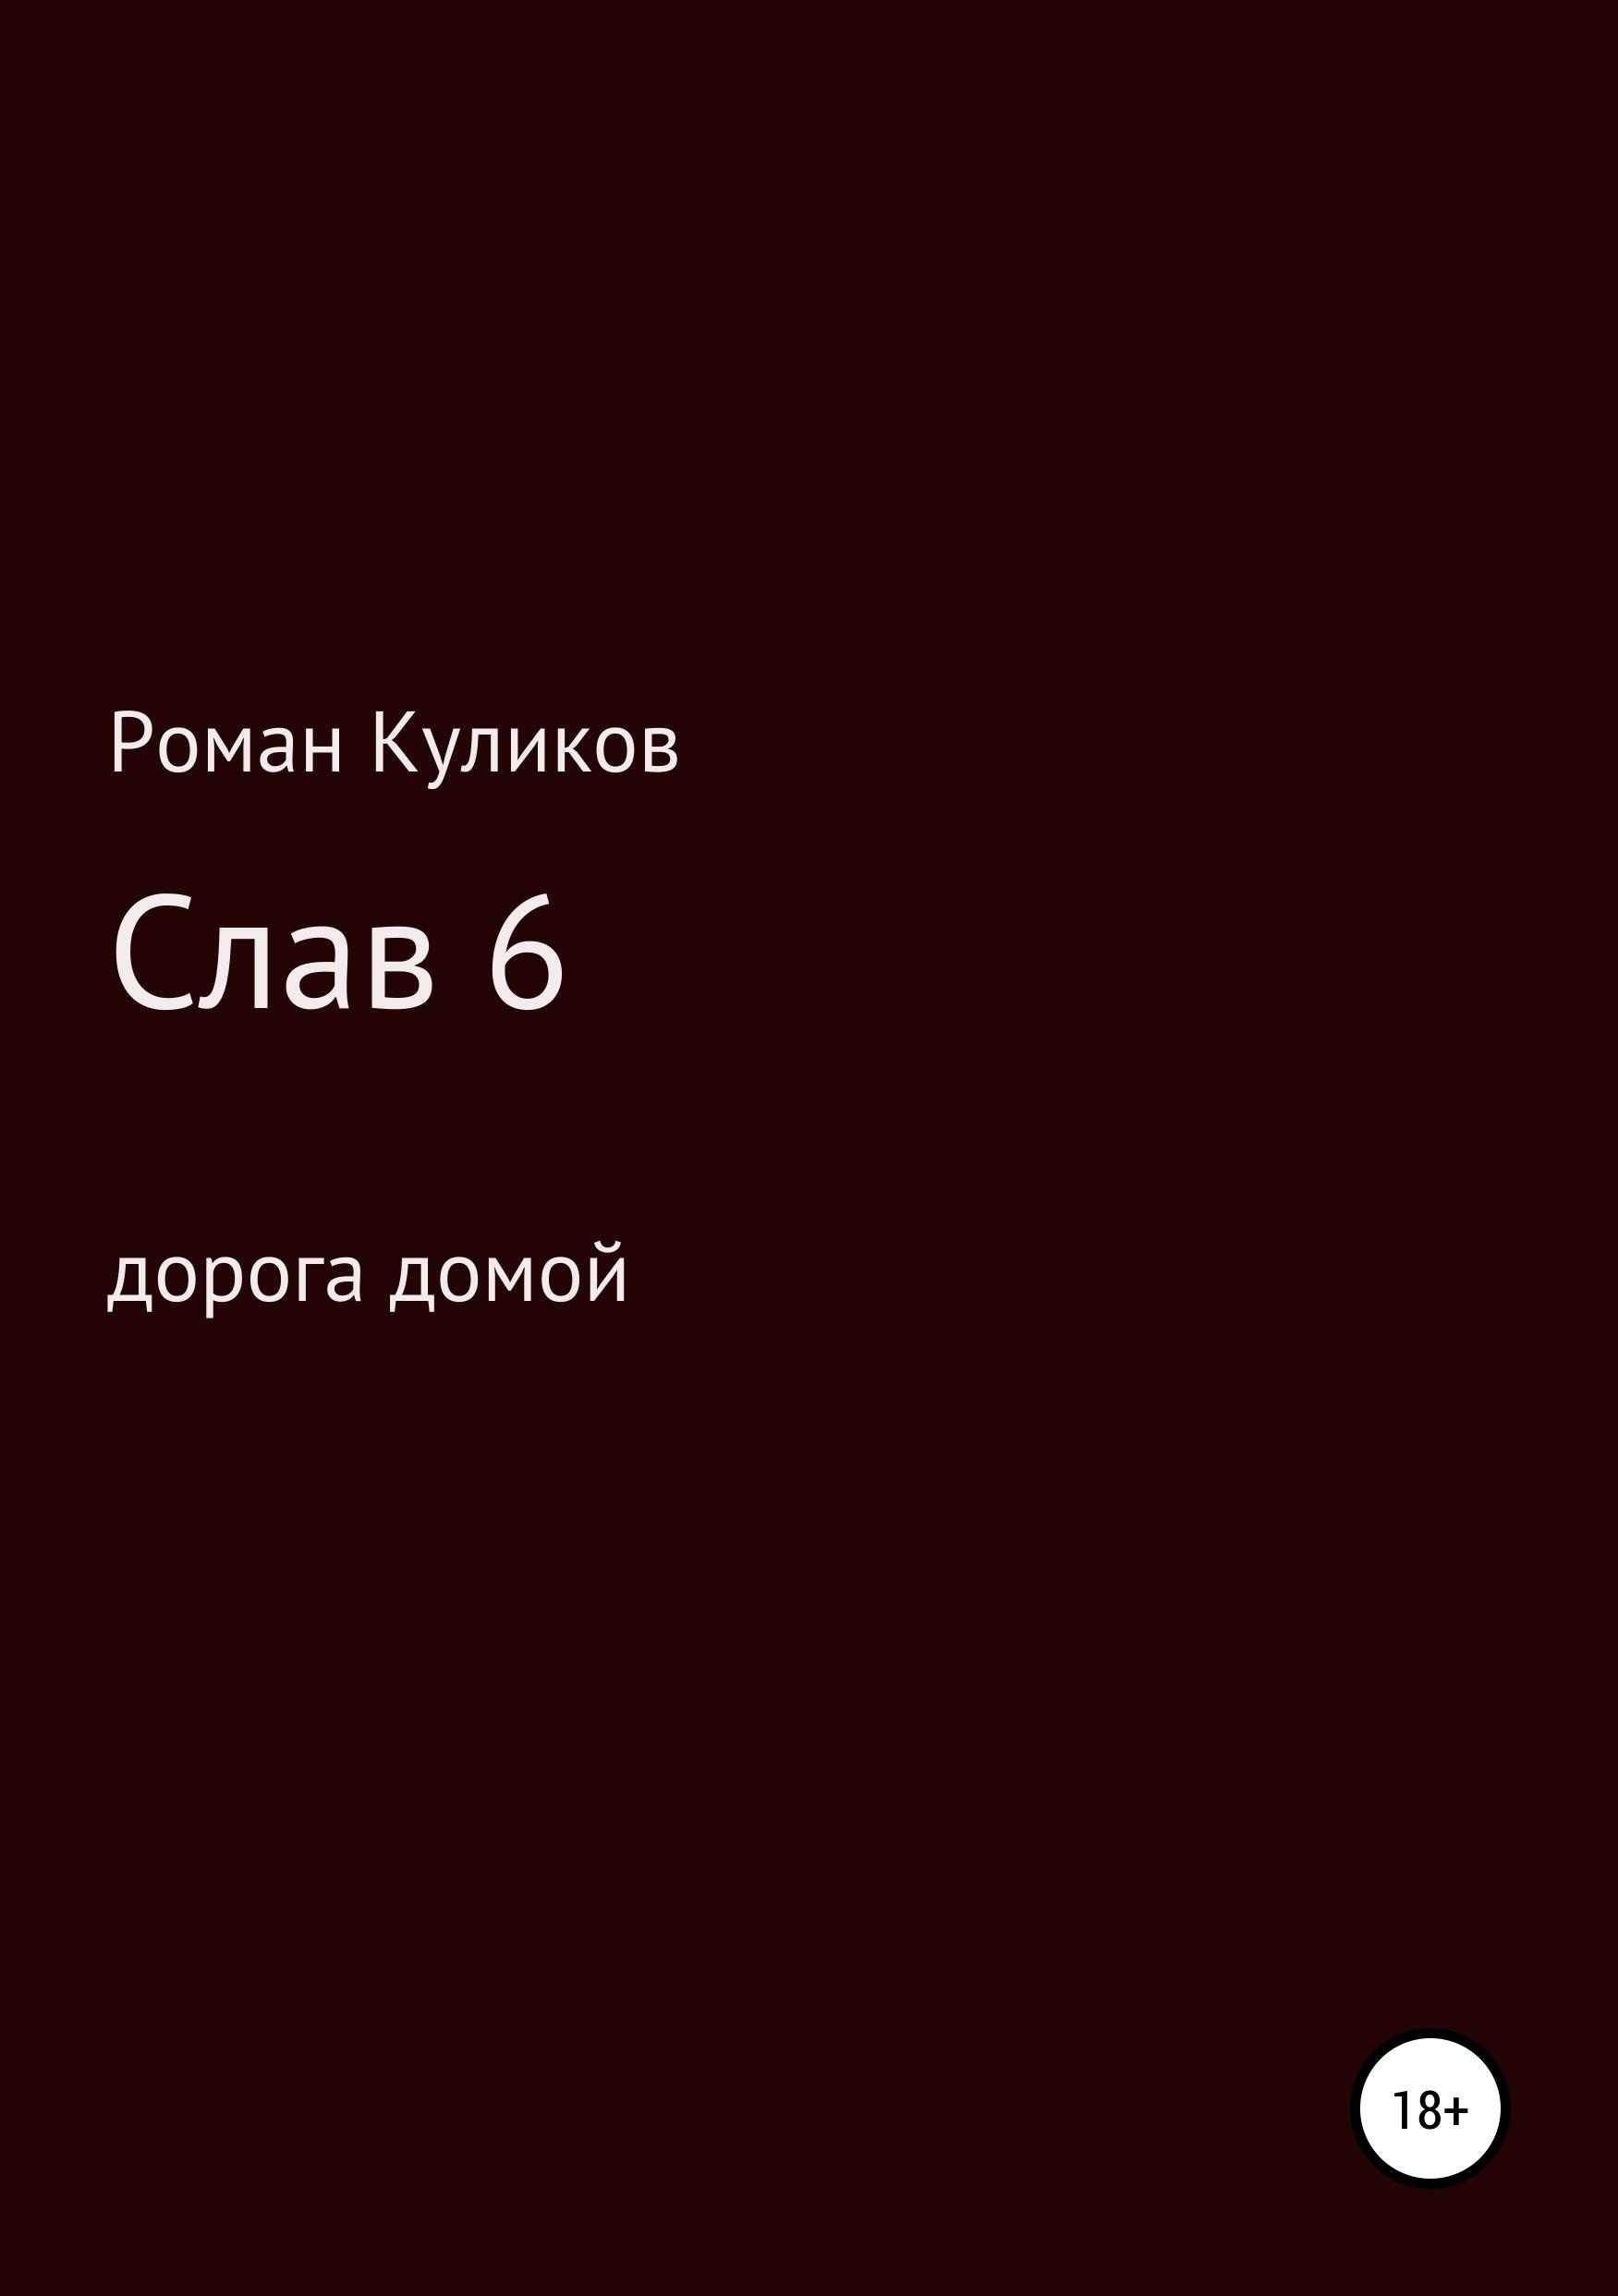 Купить книгу Слав 6. Дорога домой, автора Романа Александровича Куликова